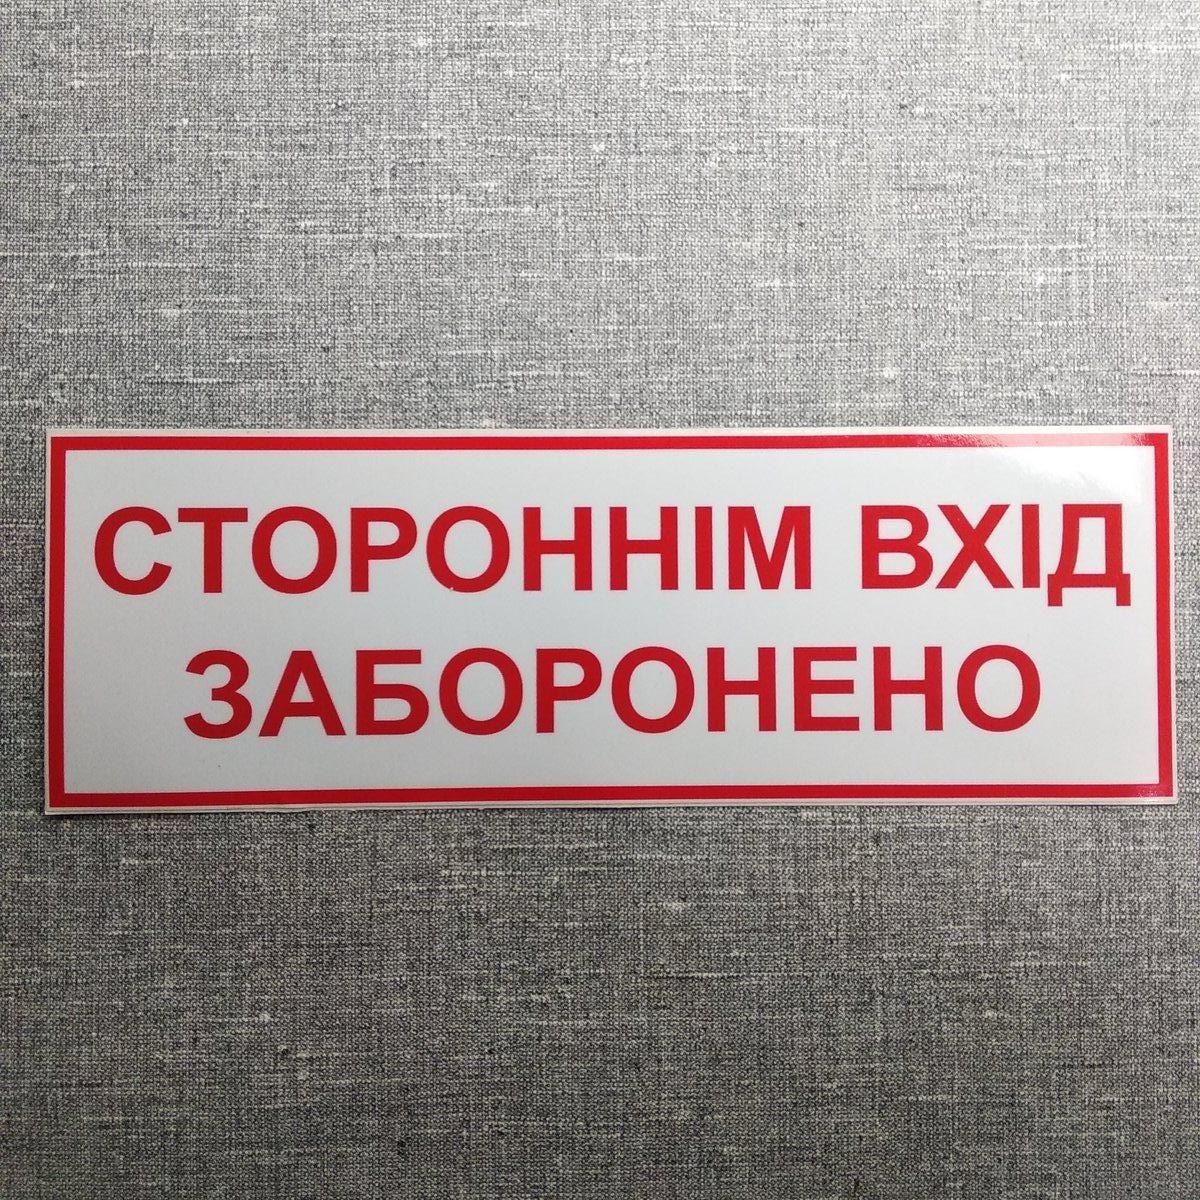 Посторонним вход запрещён наклейка